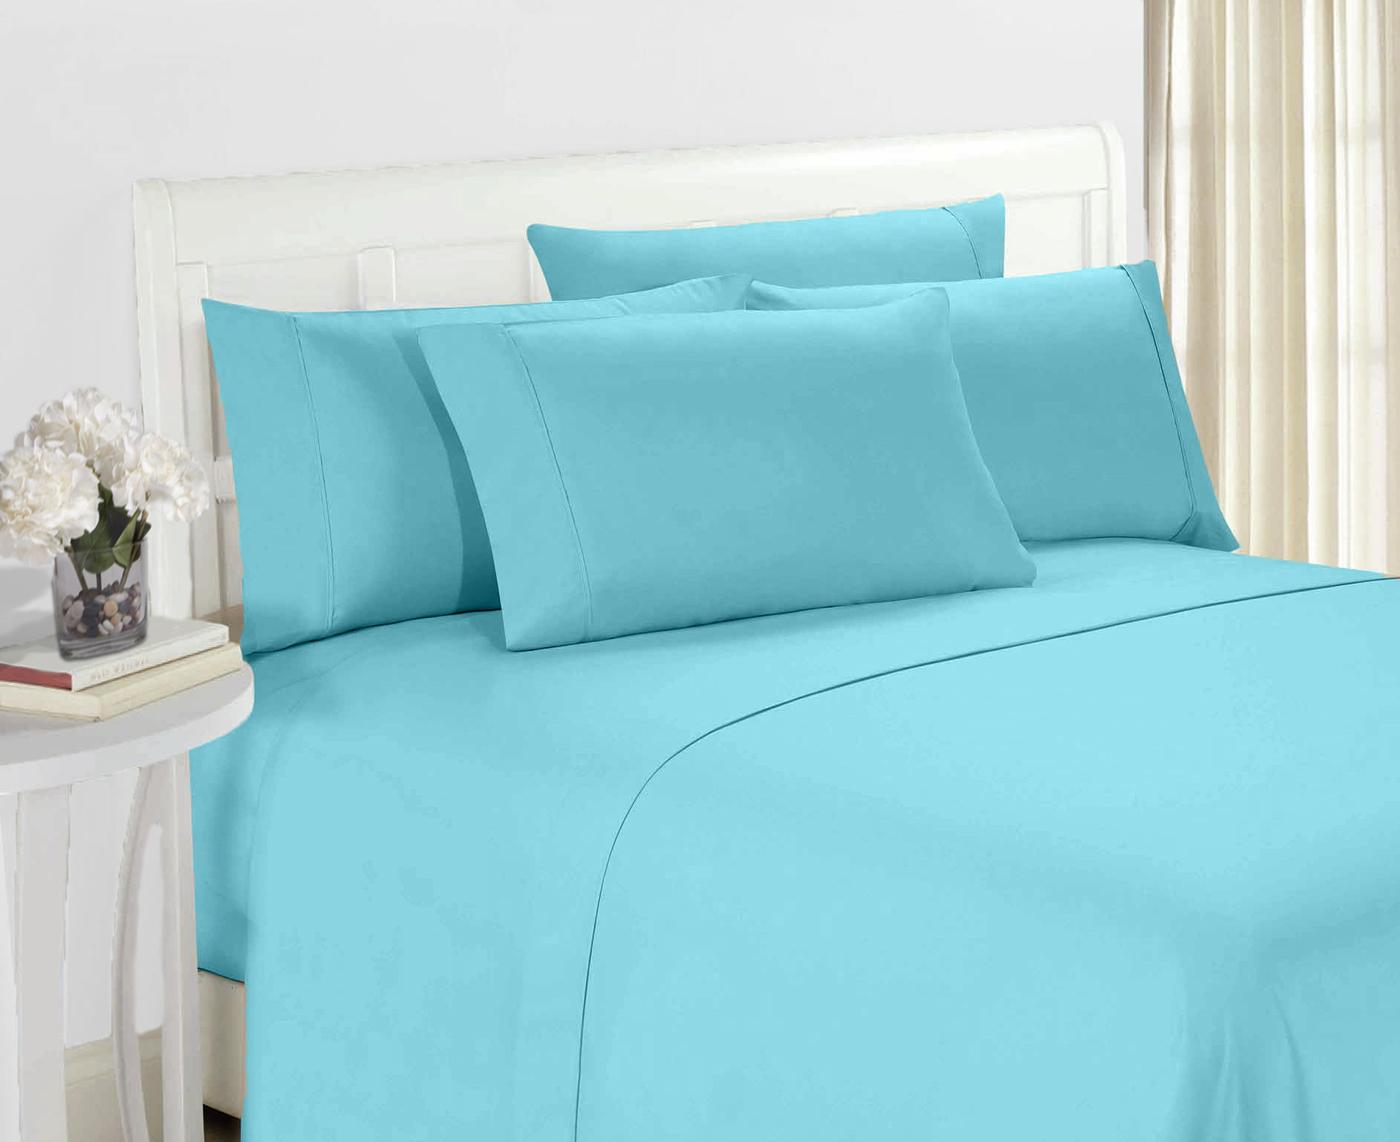 Hotel Super Soft 6 Piece Bed Sheet Set Deep Pockets ...